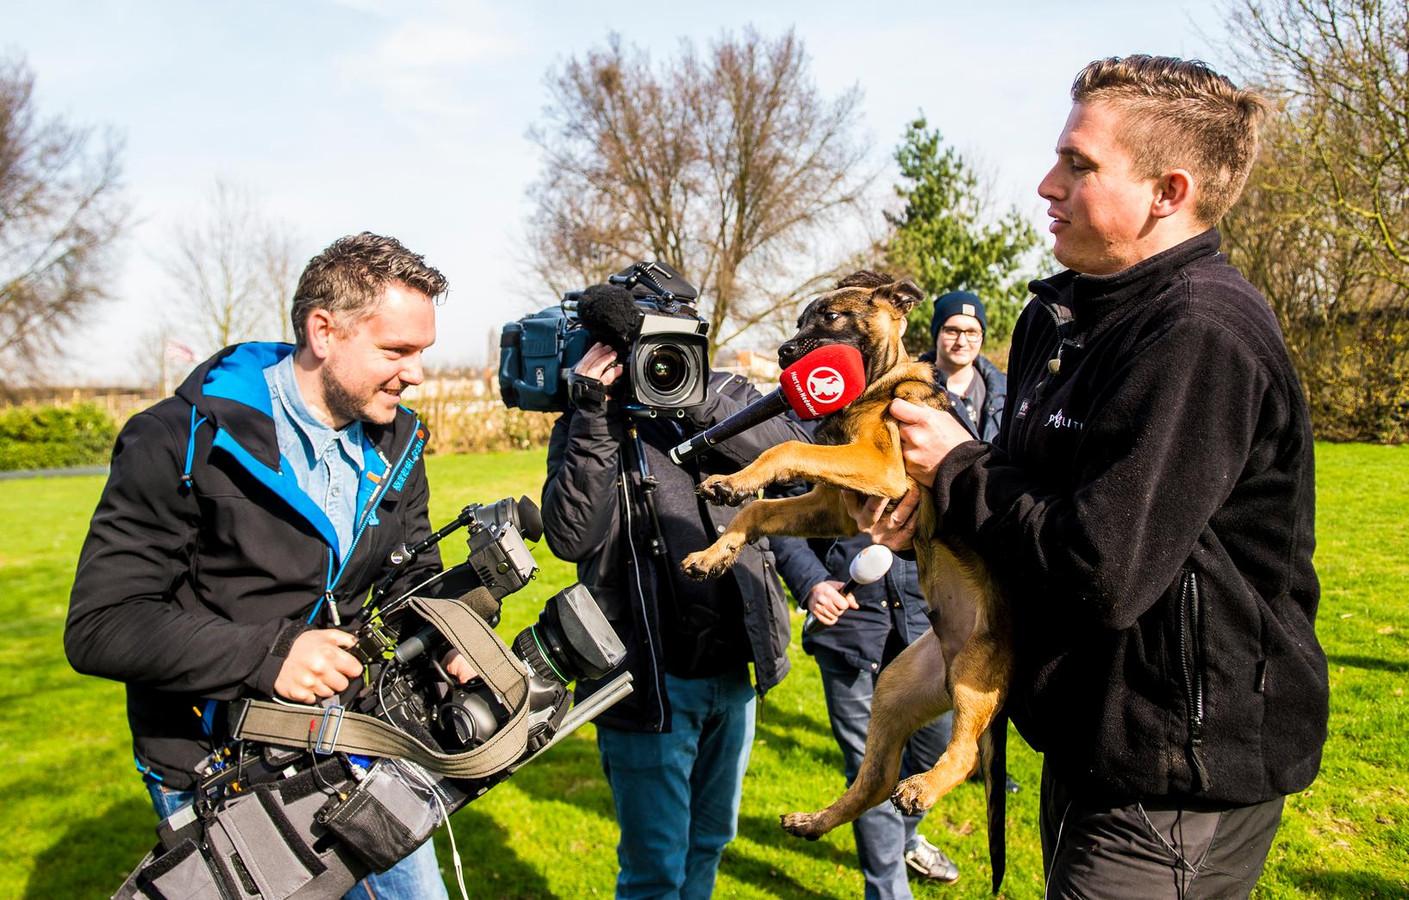 Massale media-aandacht voor Bumper, die wel raad weet met de microfoon van een verslaggever.